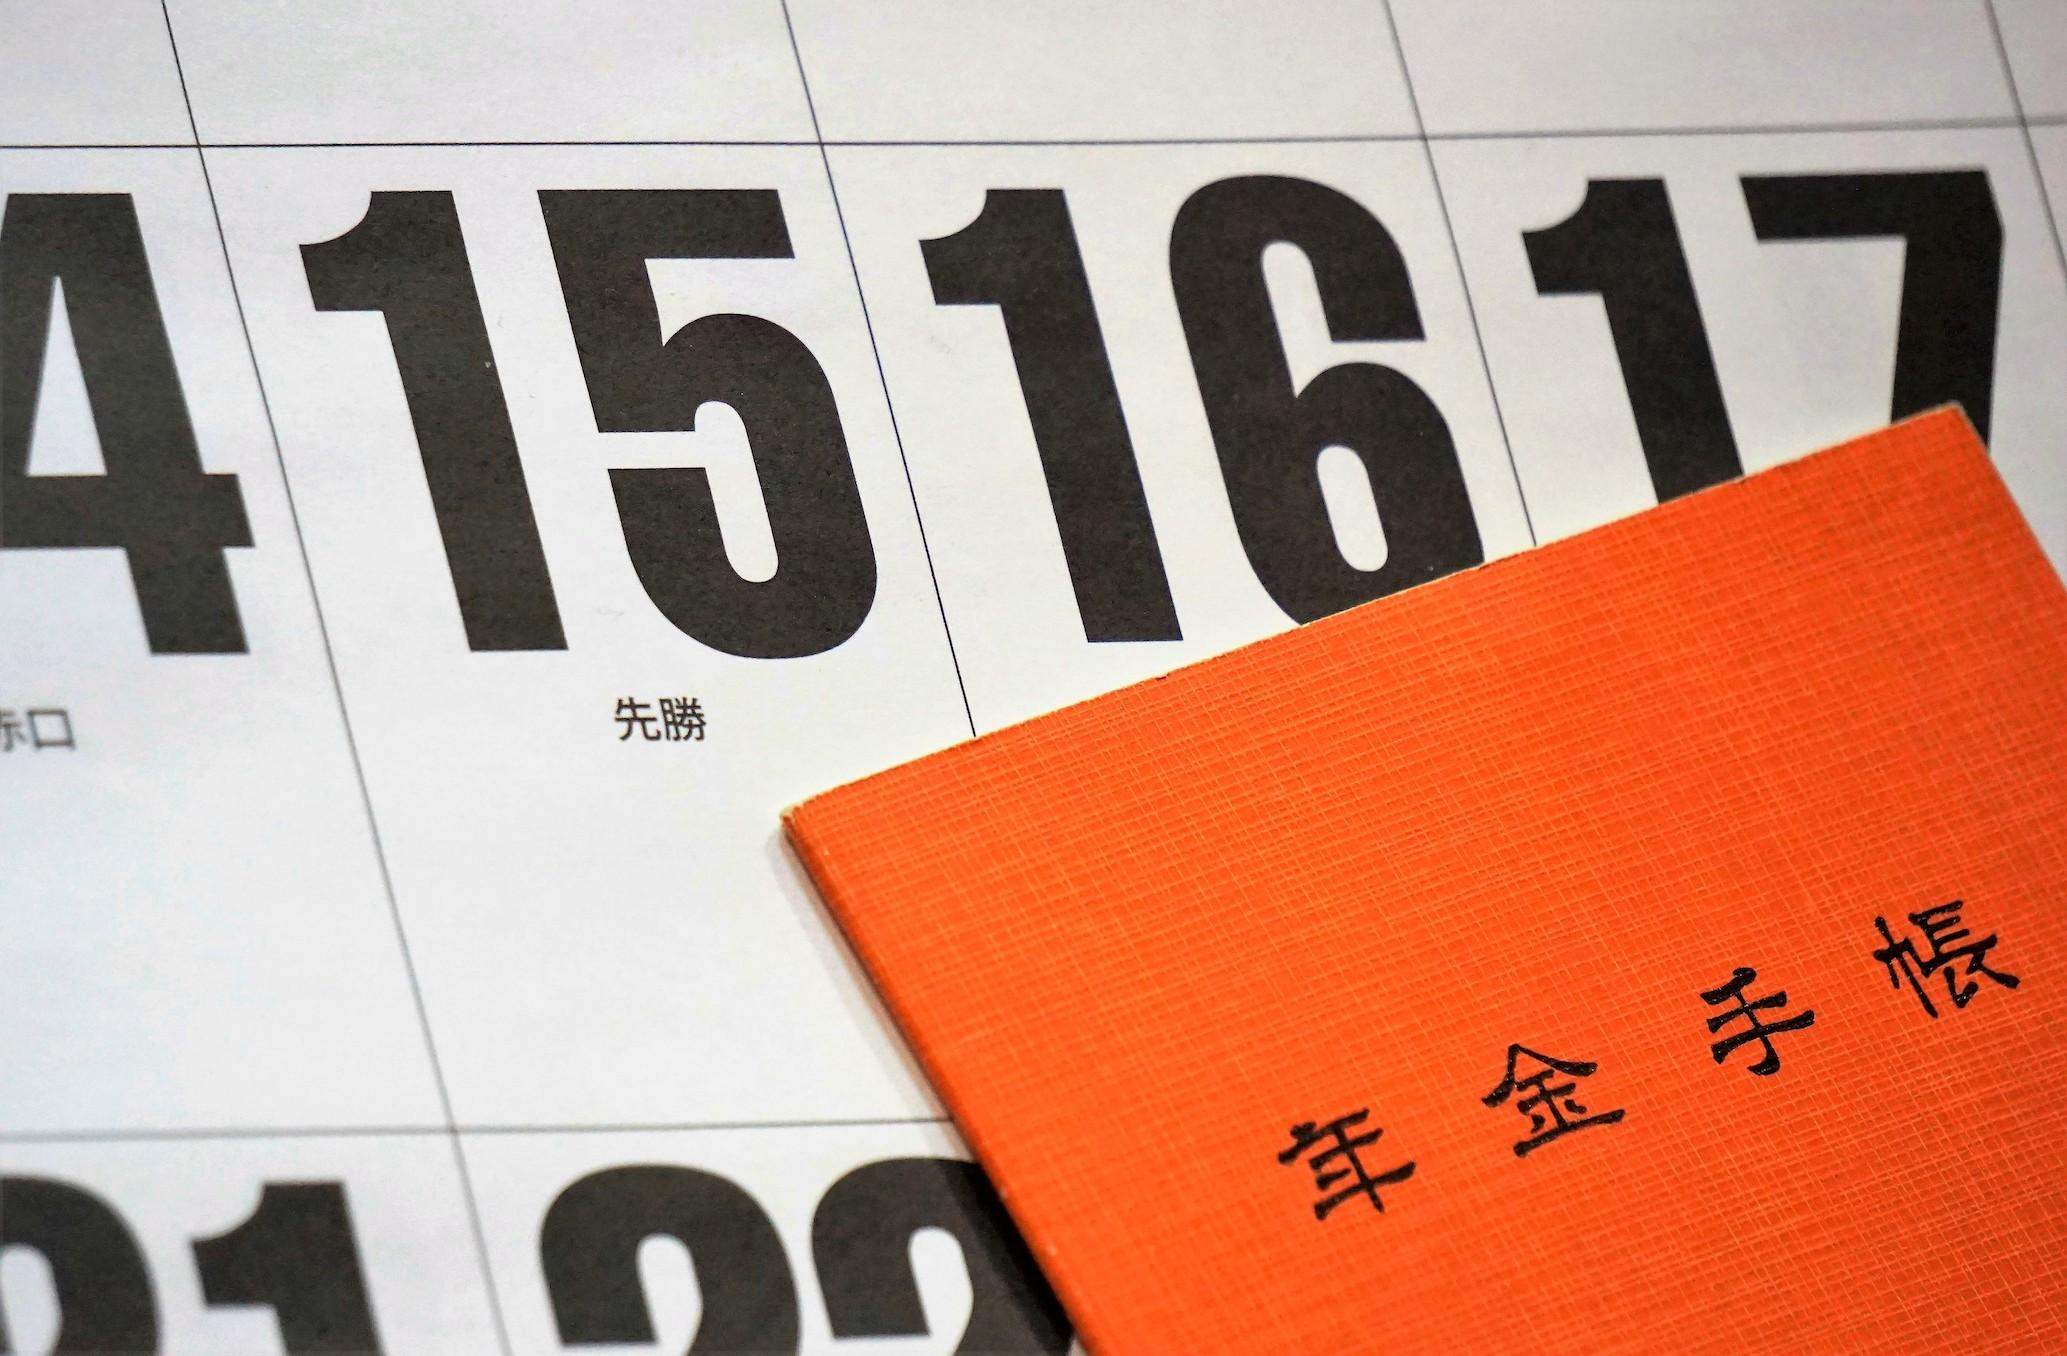 年金制度 - 【解説】適格退職年金と厚生年金基金とはどのような制度であったか?